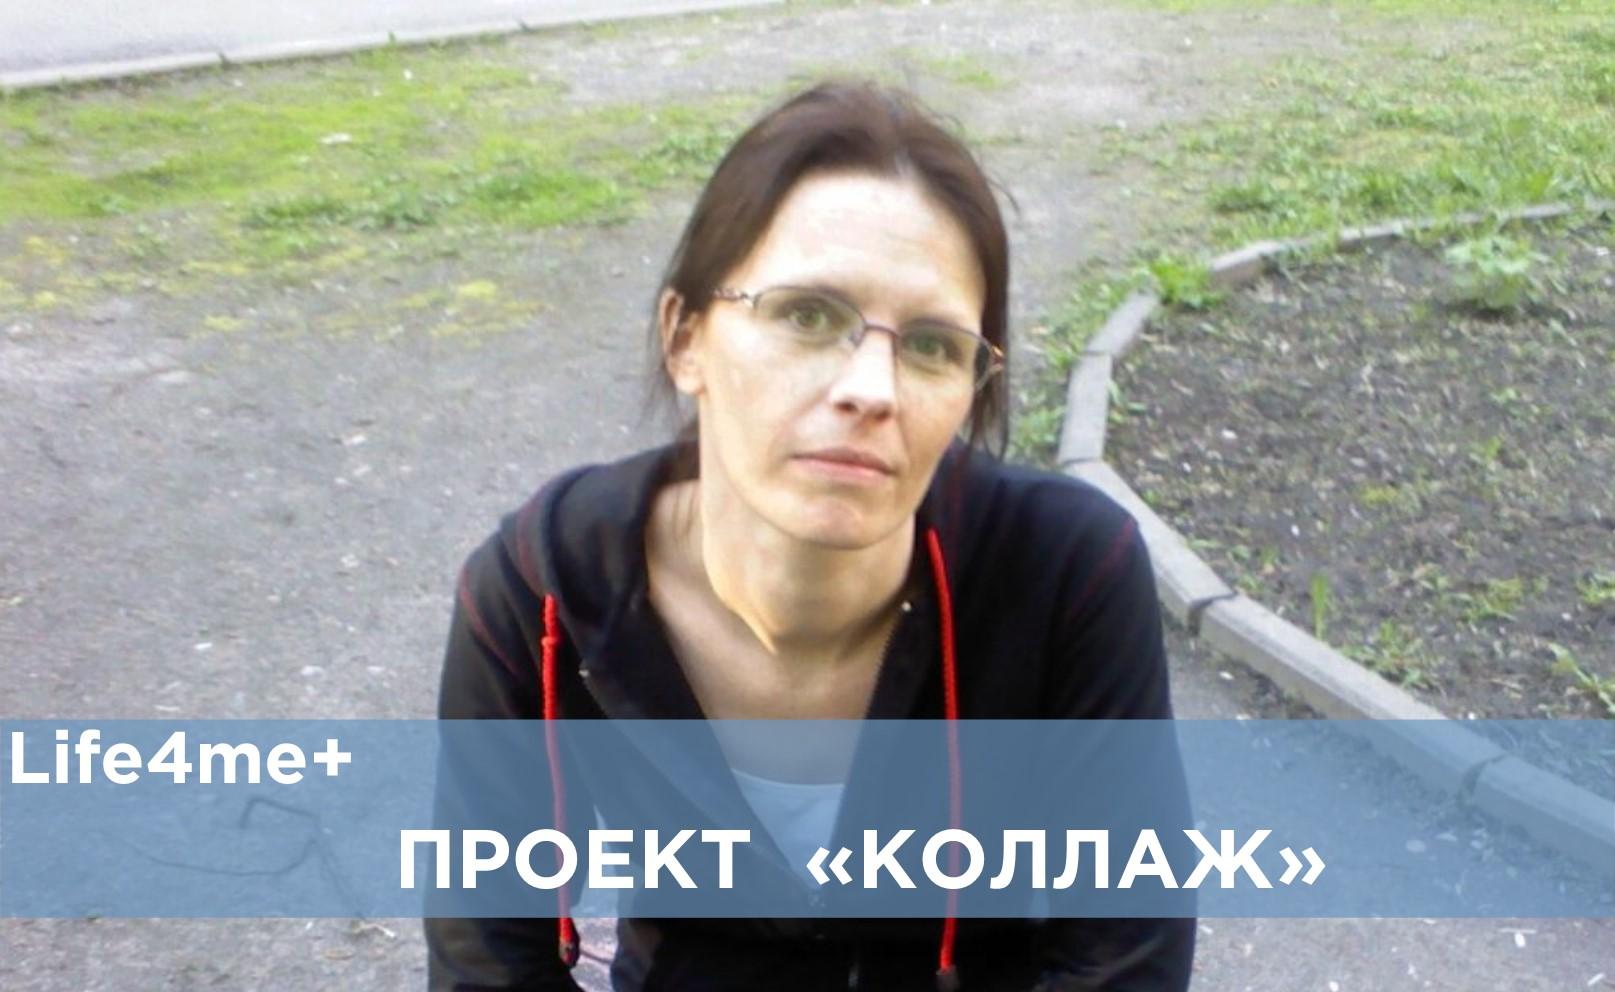 """Коллаж: """"Я жива благодаря АРВ терапии"""", - Ирина Серябкина"""